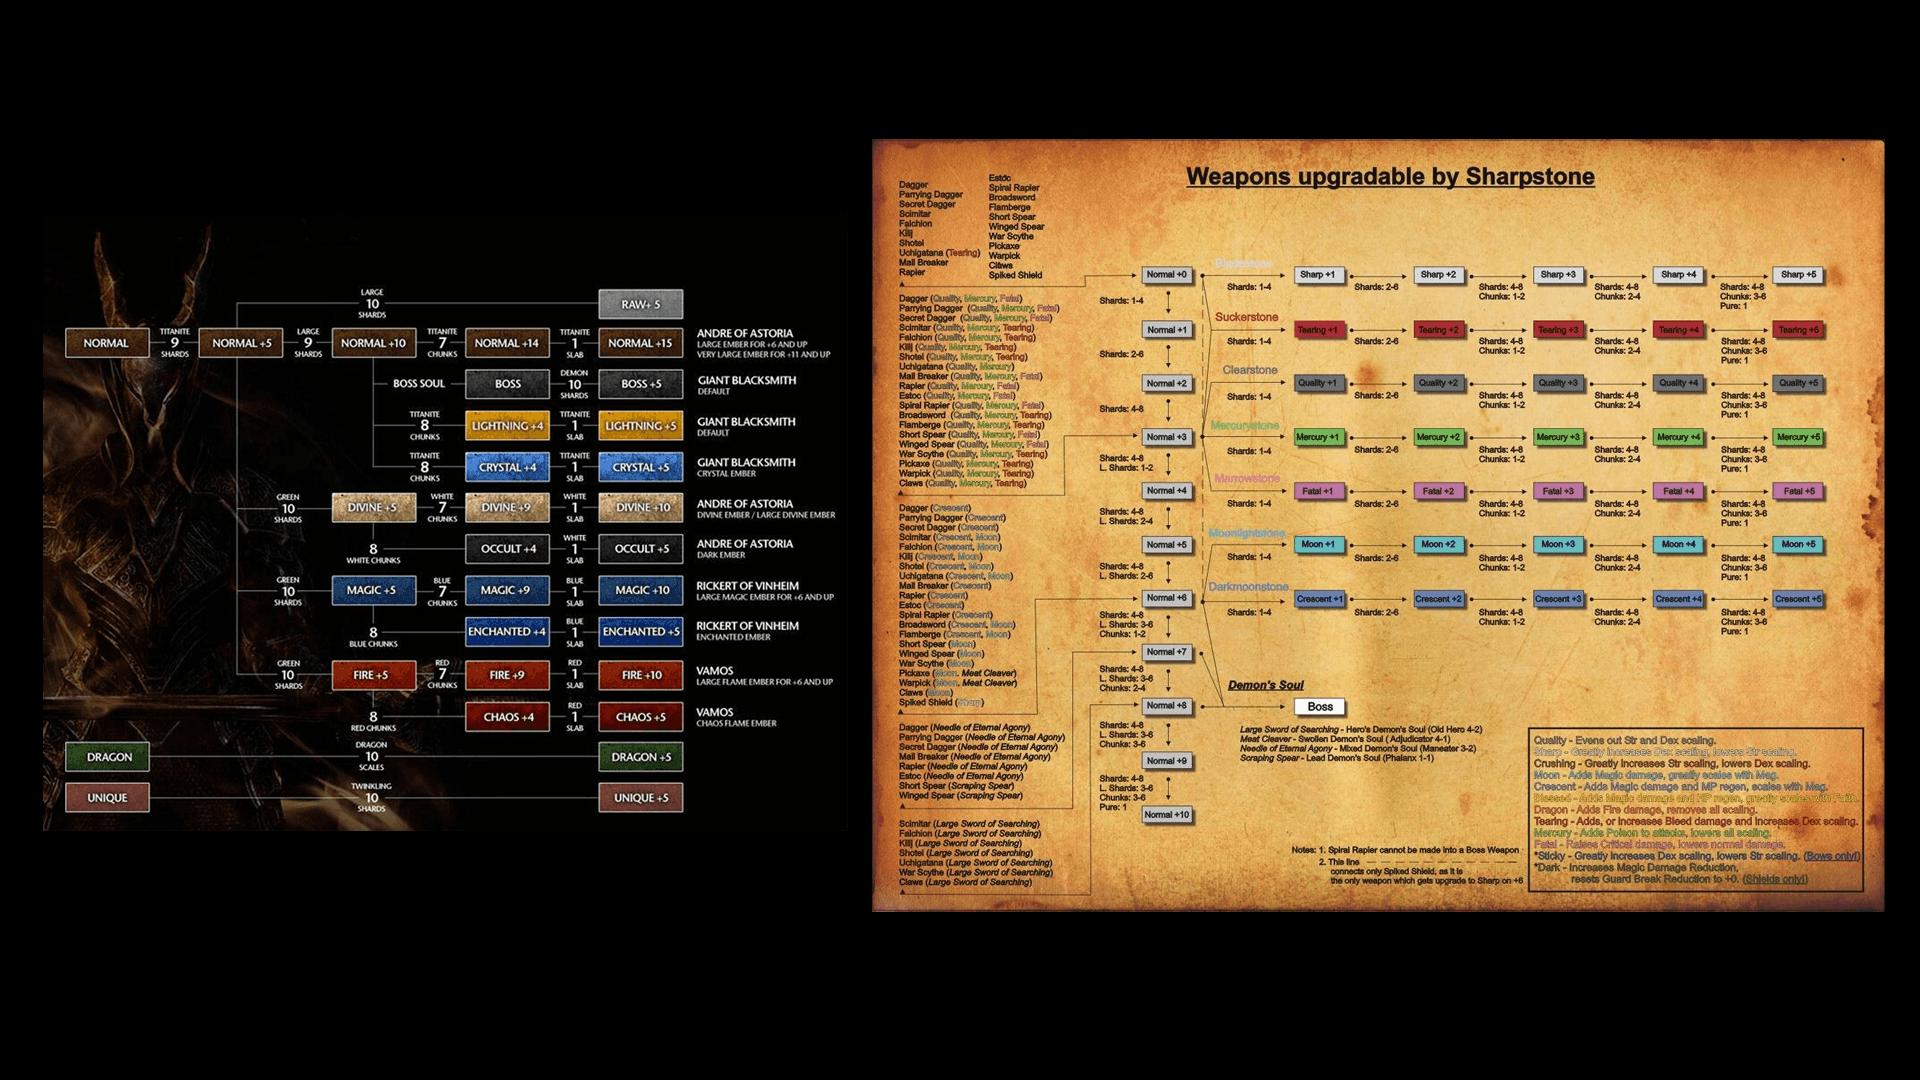 La forge des Soulsborne est austère et particulièrement celle de Demon's Souls. #GuiDaFunkyMan #retrogaming #soulsborne #DarkSouls #Bloodborne